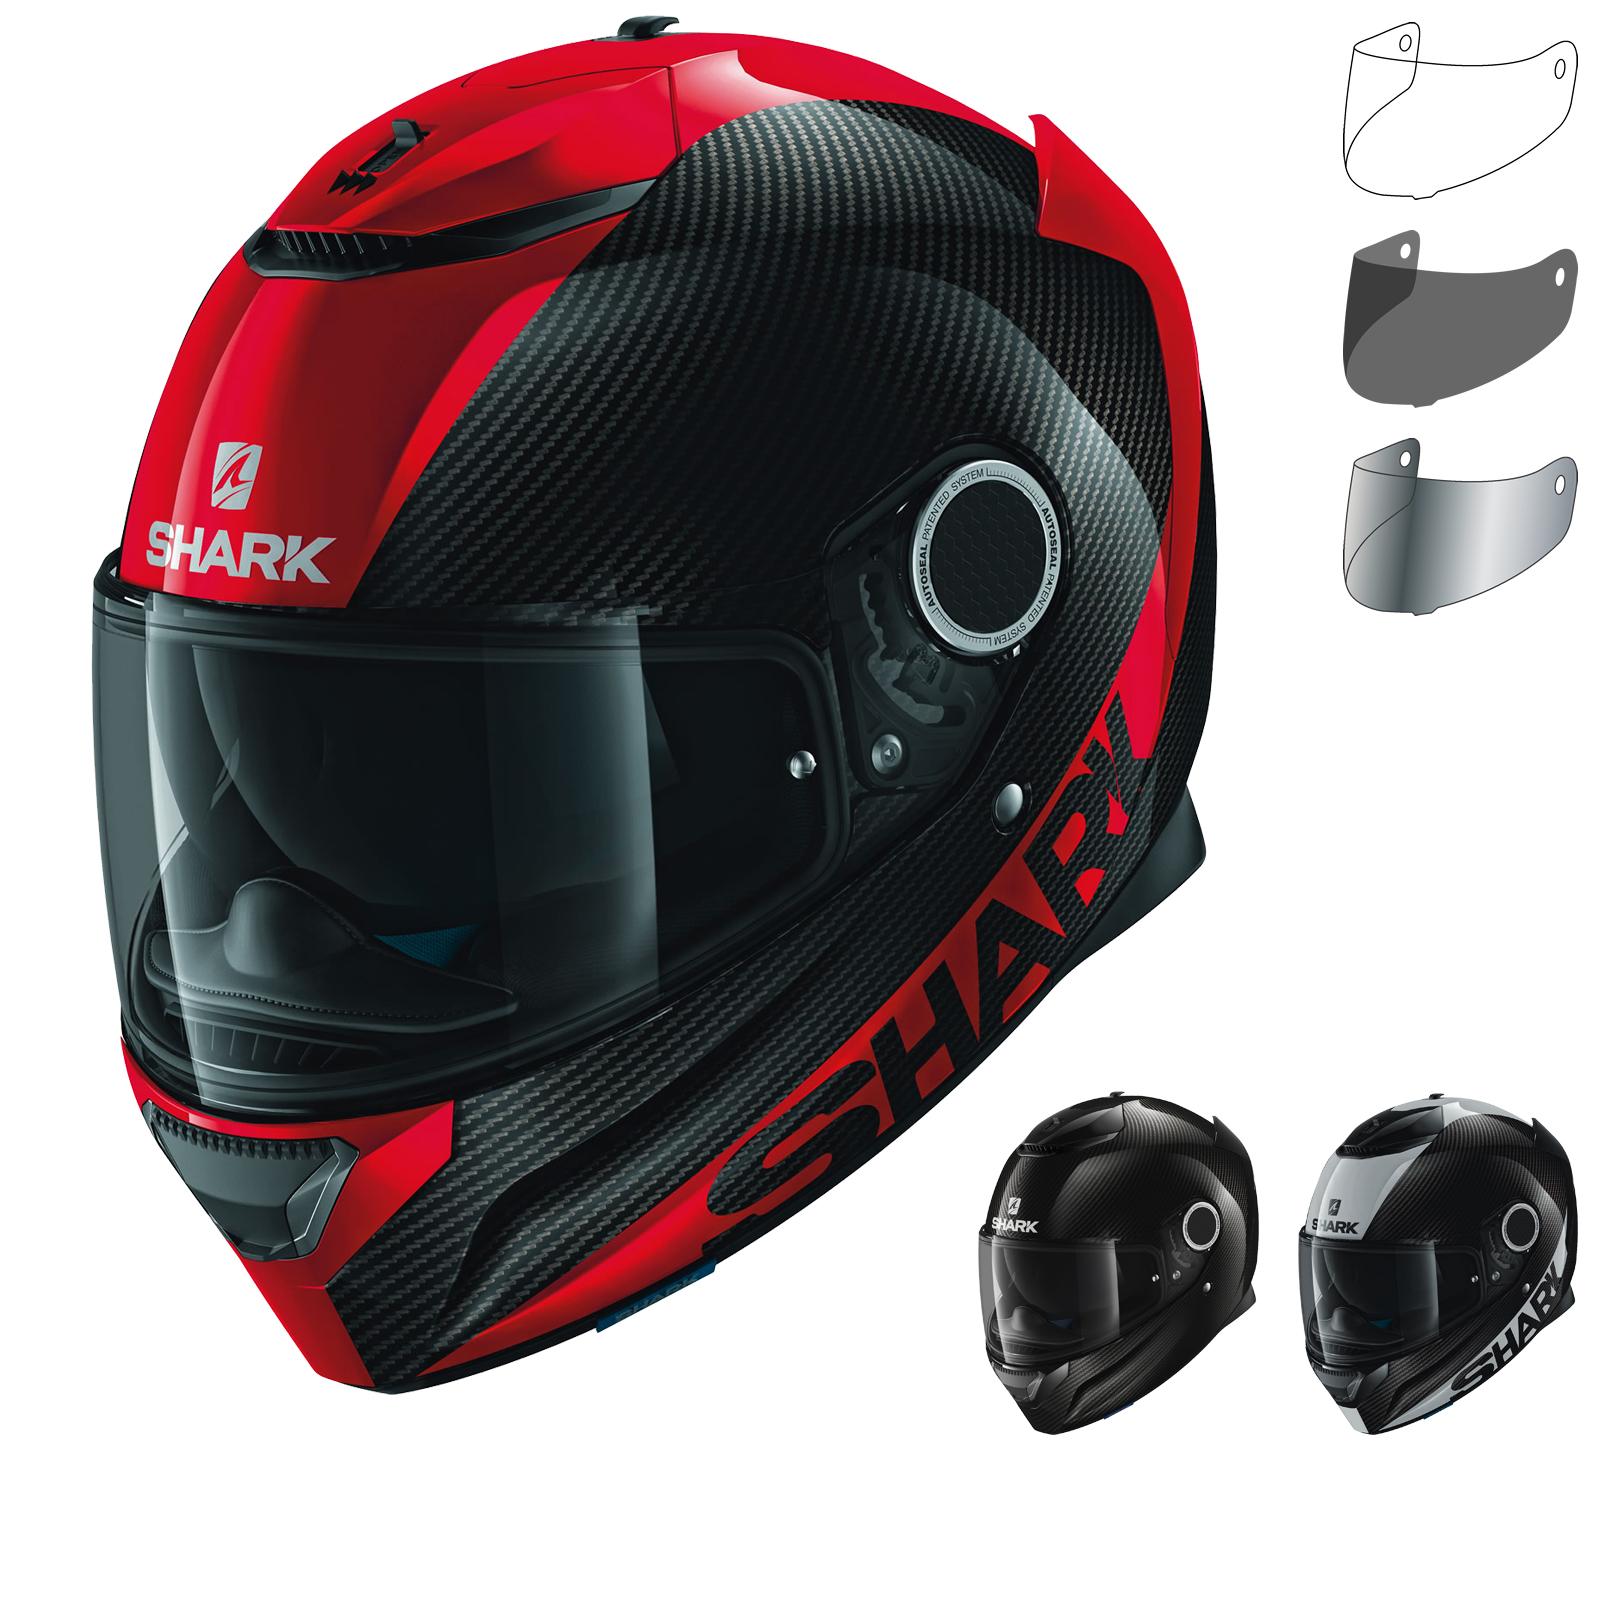 shark spartan carbon skin motorcycle helmet visor full. Black Bedroom Furniture Sets. Home Design Ideas